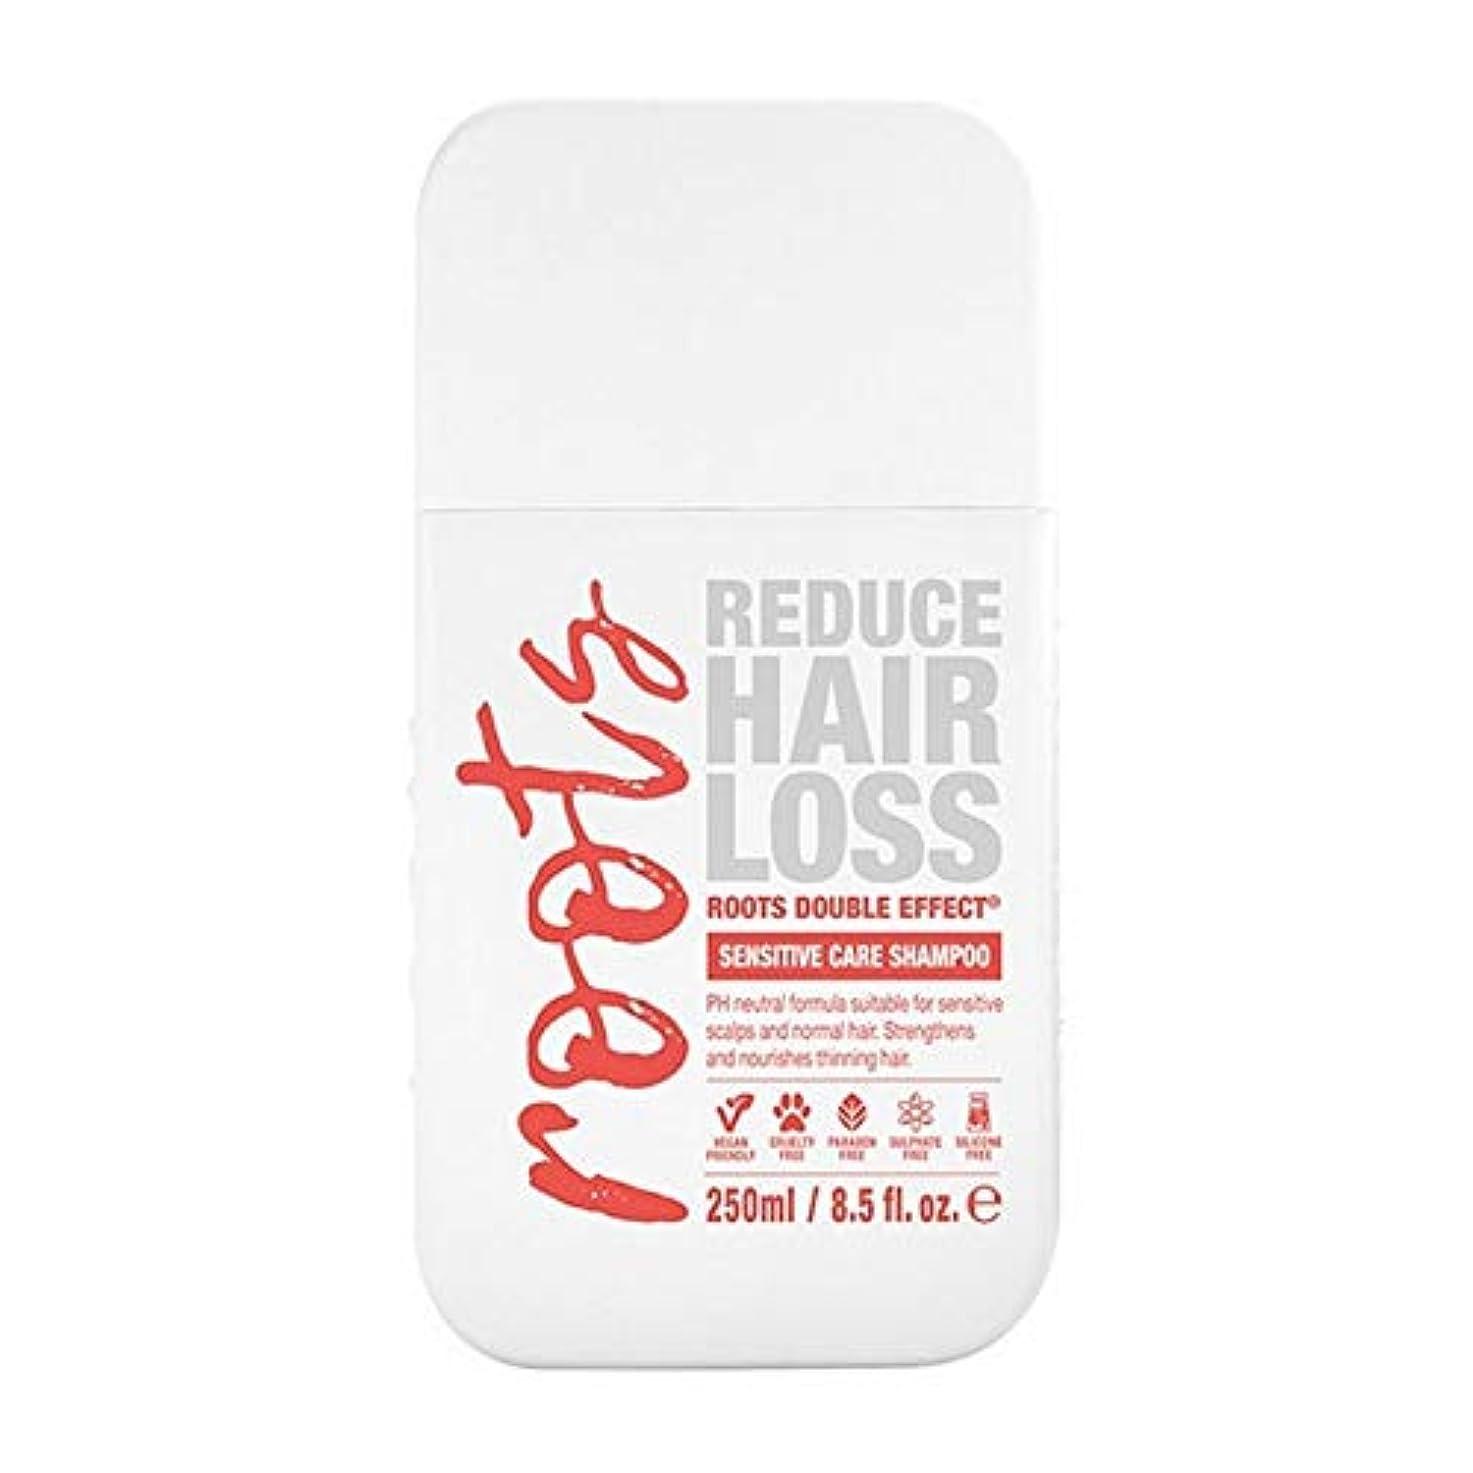 バリア無効ポーン[Roots ] 根のダブル効果に敏感なシャンプー250Ml - Roots Double Effect Sensitive Shampoo 250ml [並行輸入品]